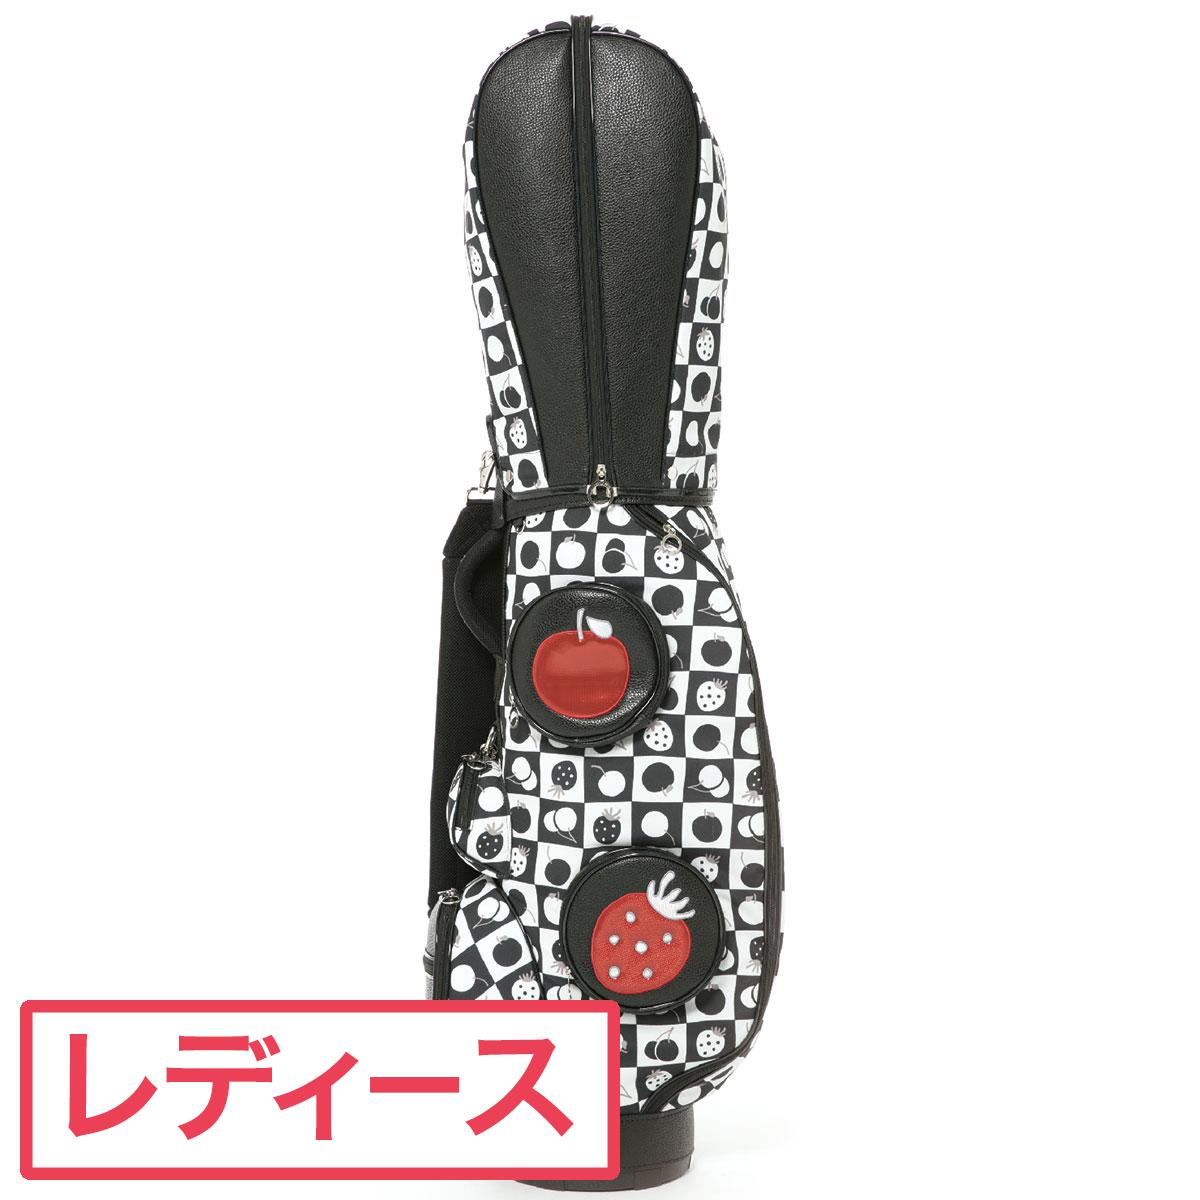 ミエコ ウエサコ NOISY NOISY NOISY ミエコ キャディバッグ ウエサコ レディス, UnDigital科学博物店:dc8de380 --- officewill.xsrv.jp